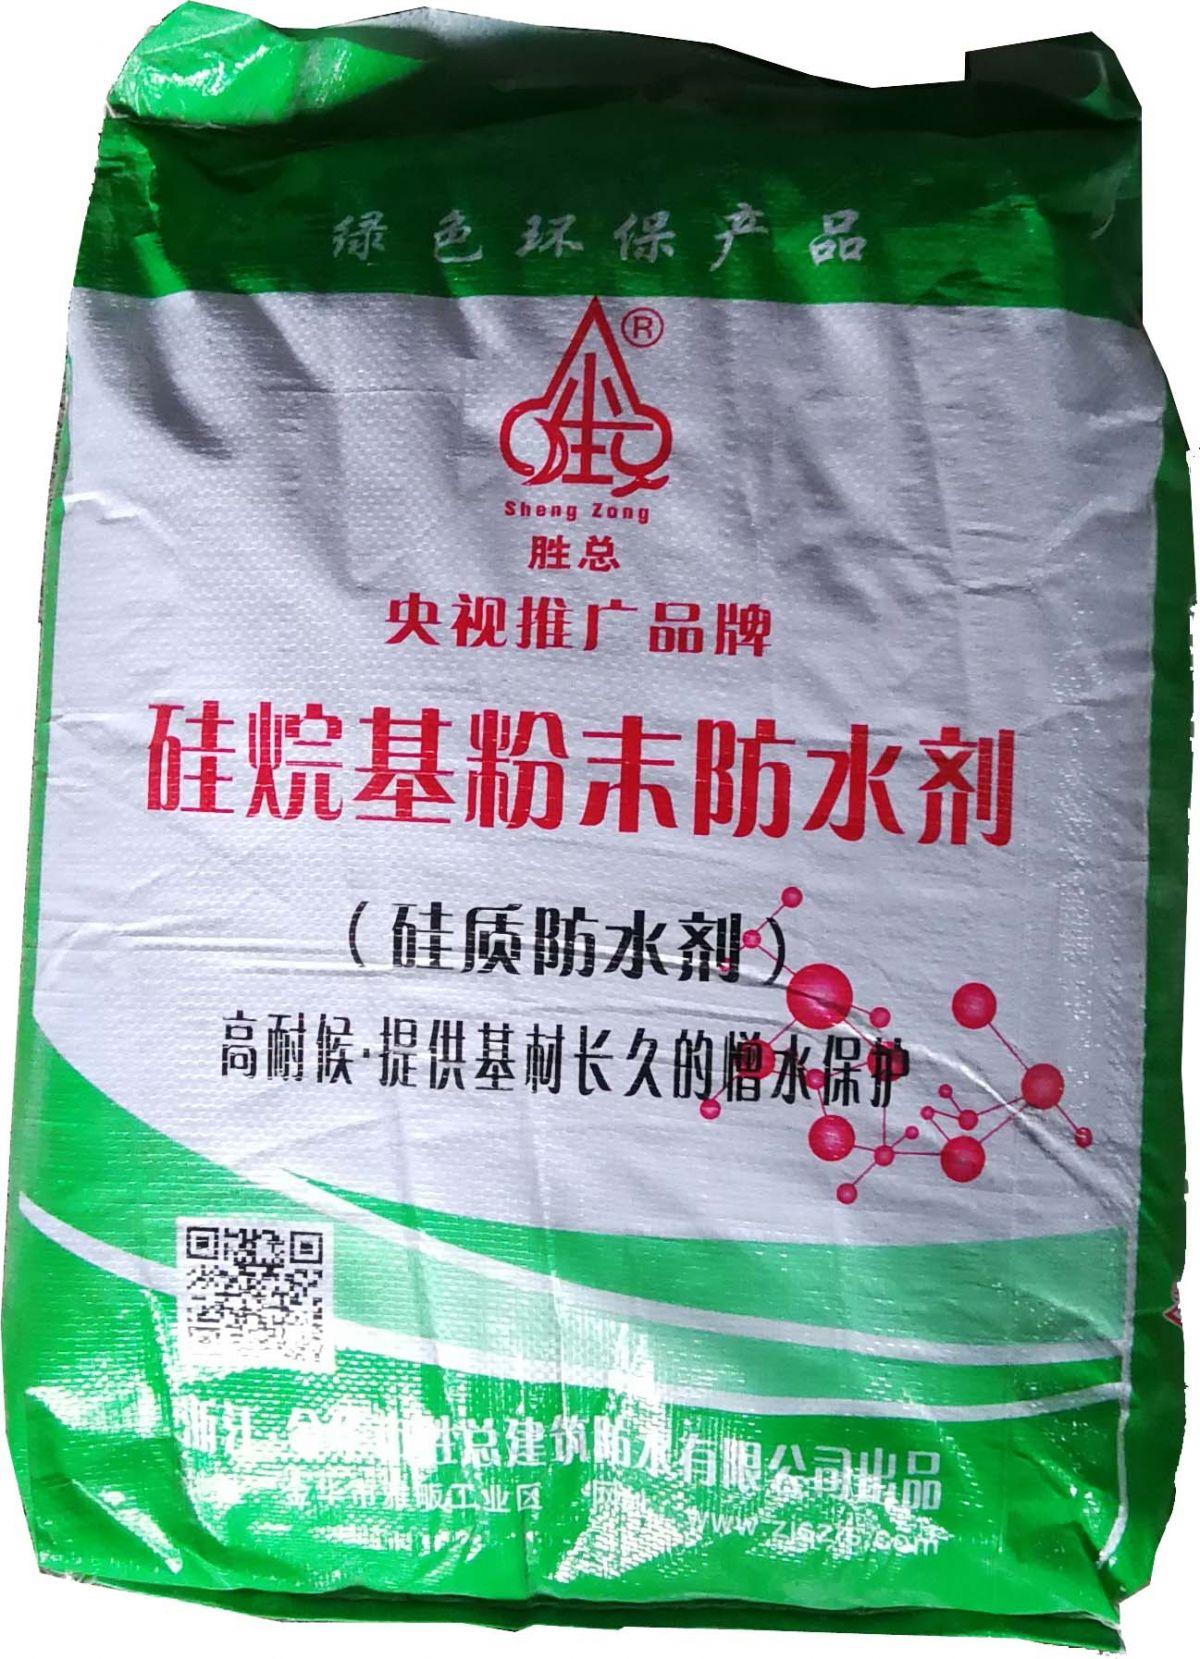 硅烷粉未防水��